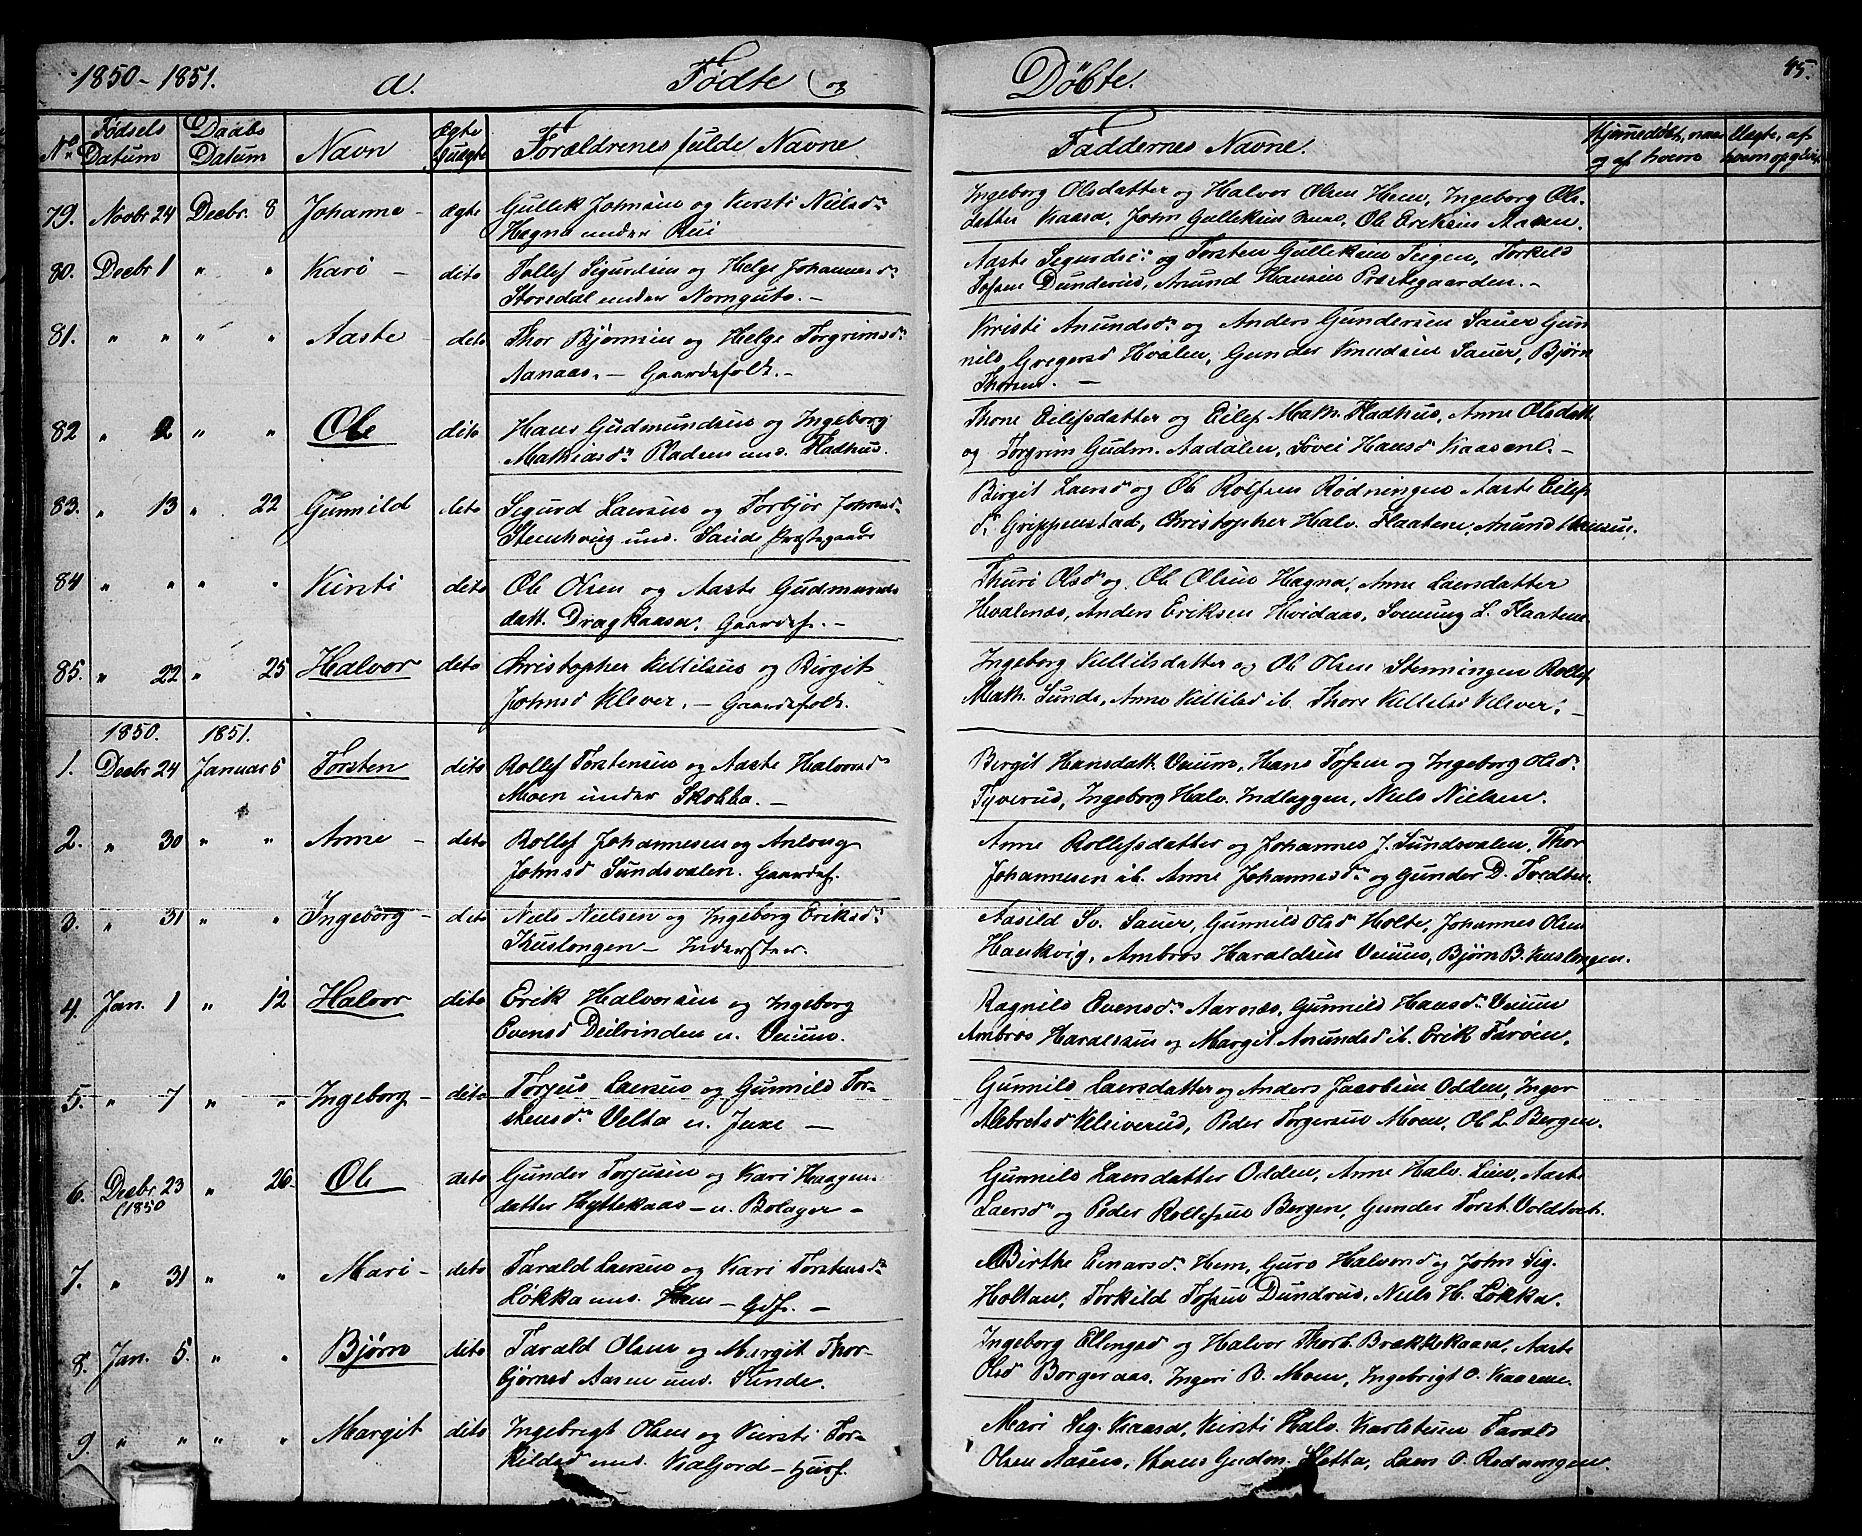 SAKO, Sauherad kirkebøker, G/Ga/L0002: Klokkerbok nr. I 2, 1842-1866, s. 45